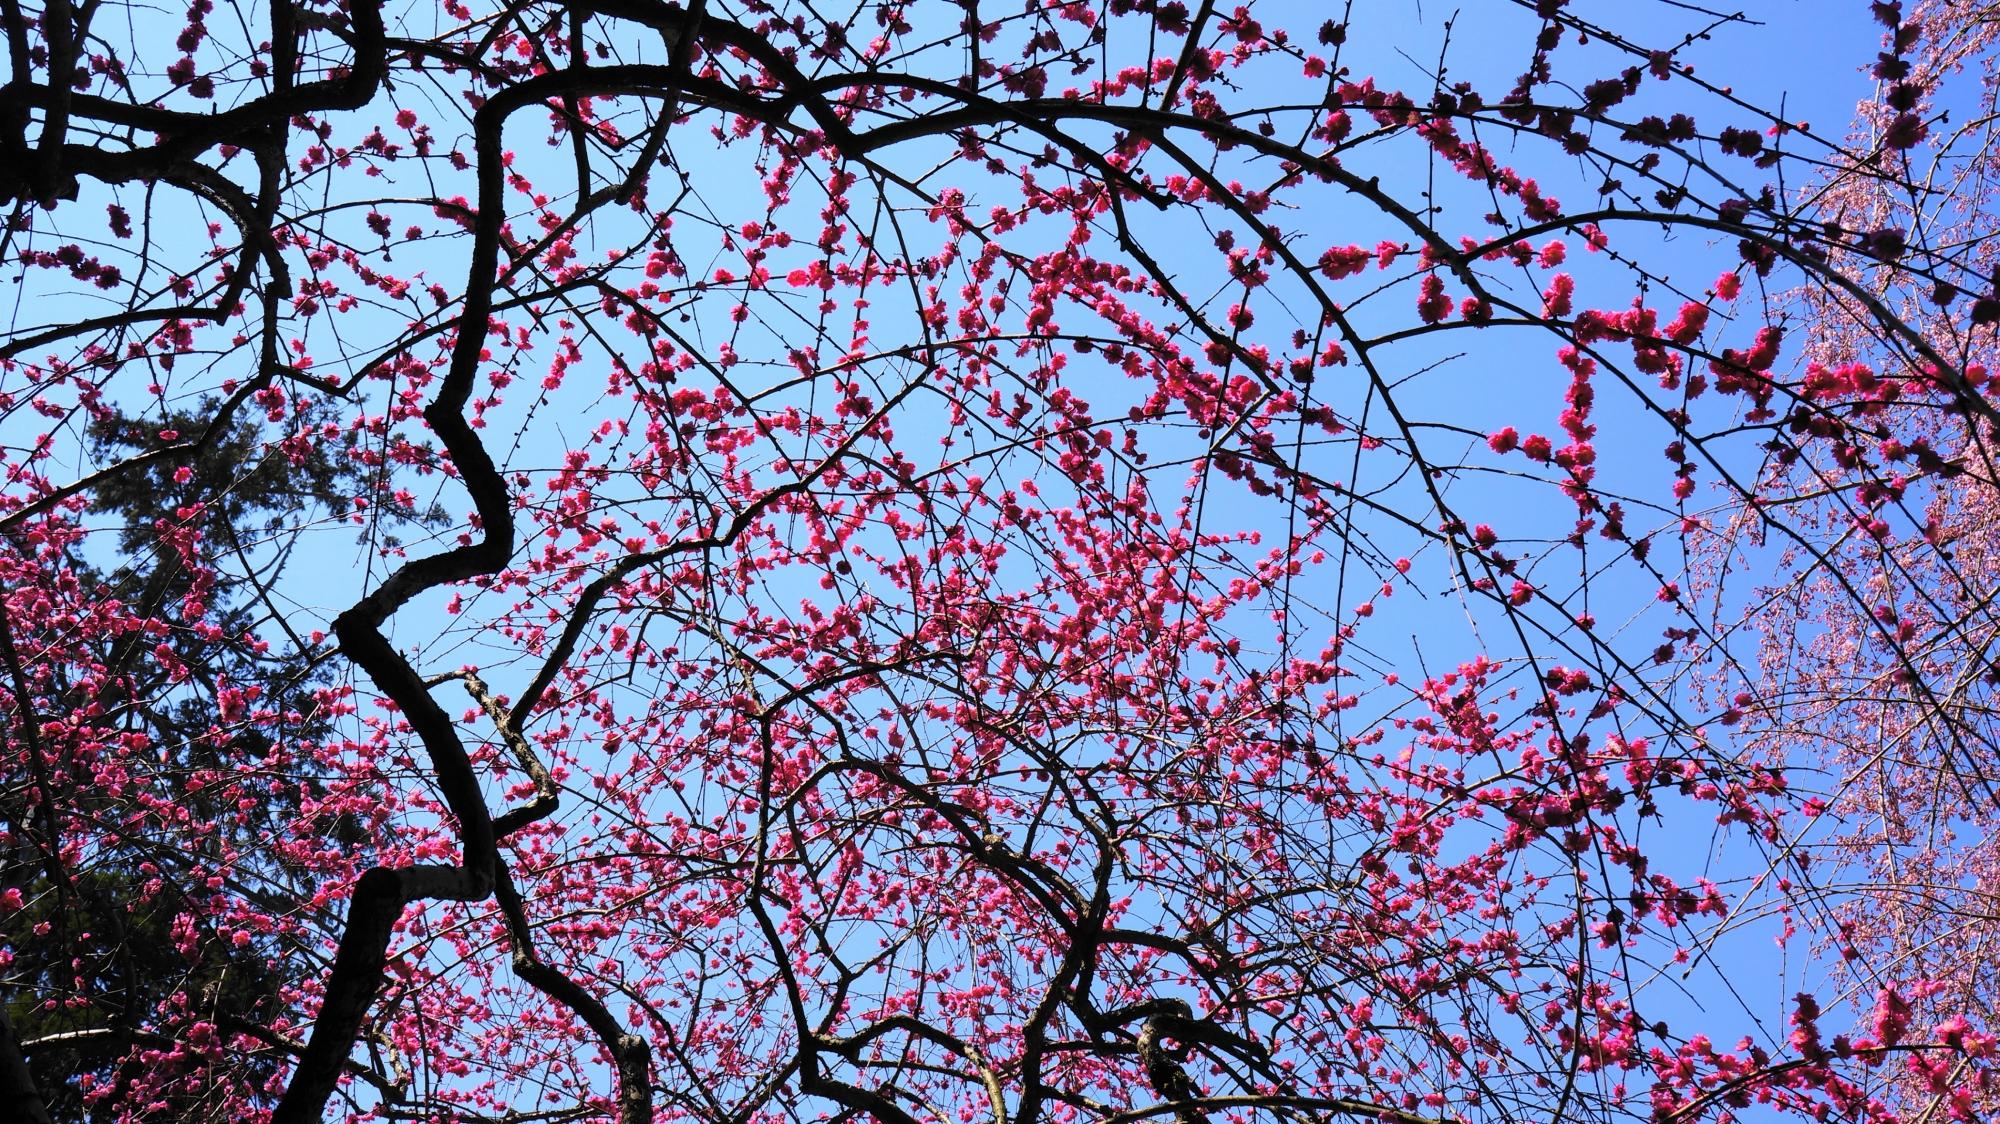 芸術的な梅の枝と花